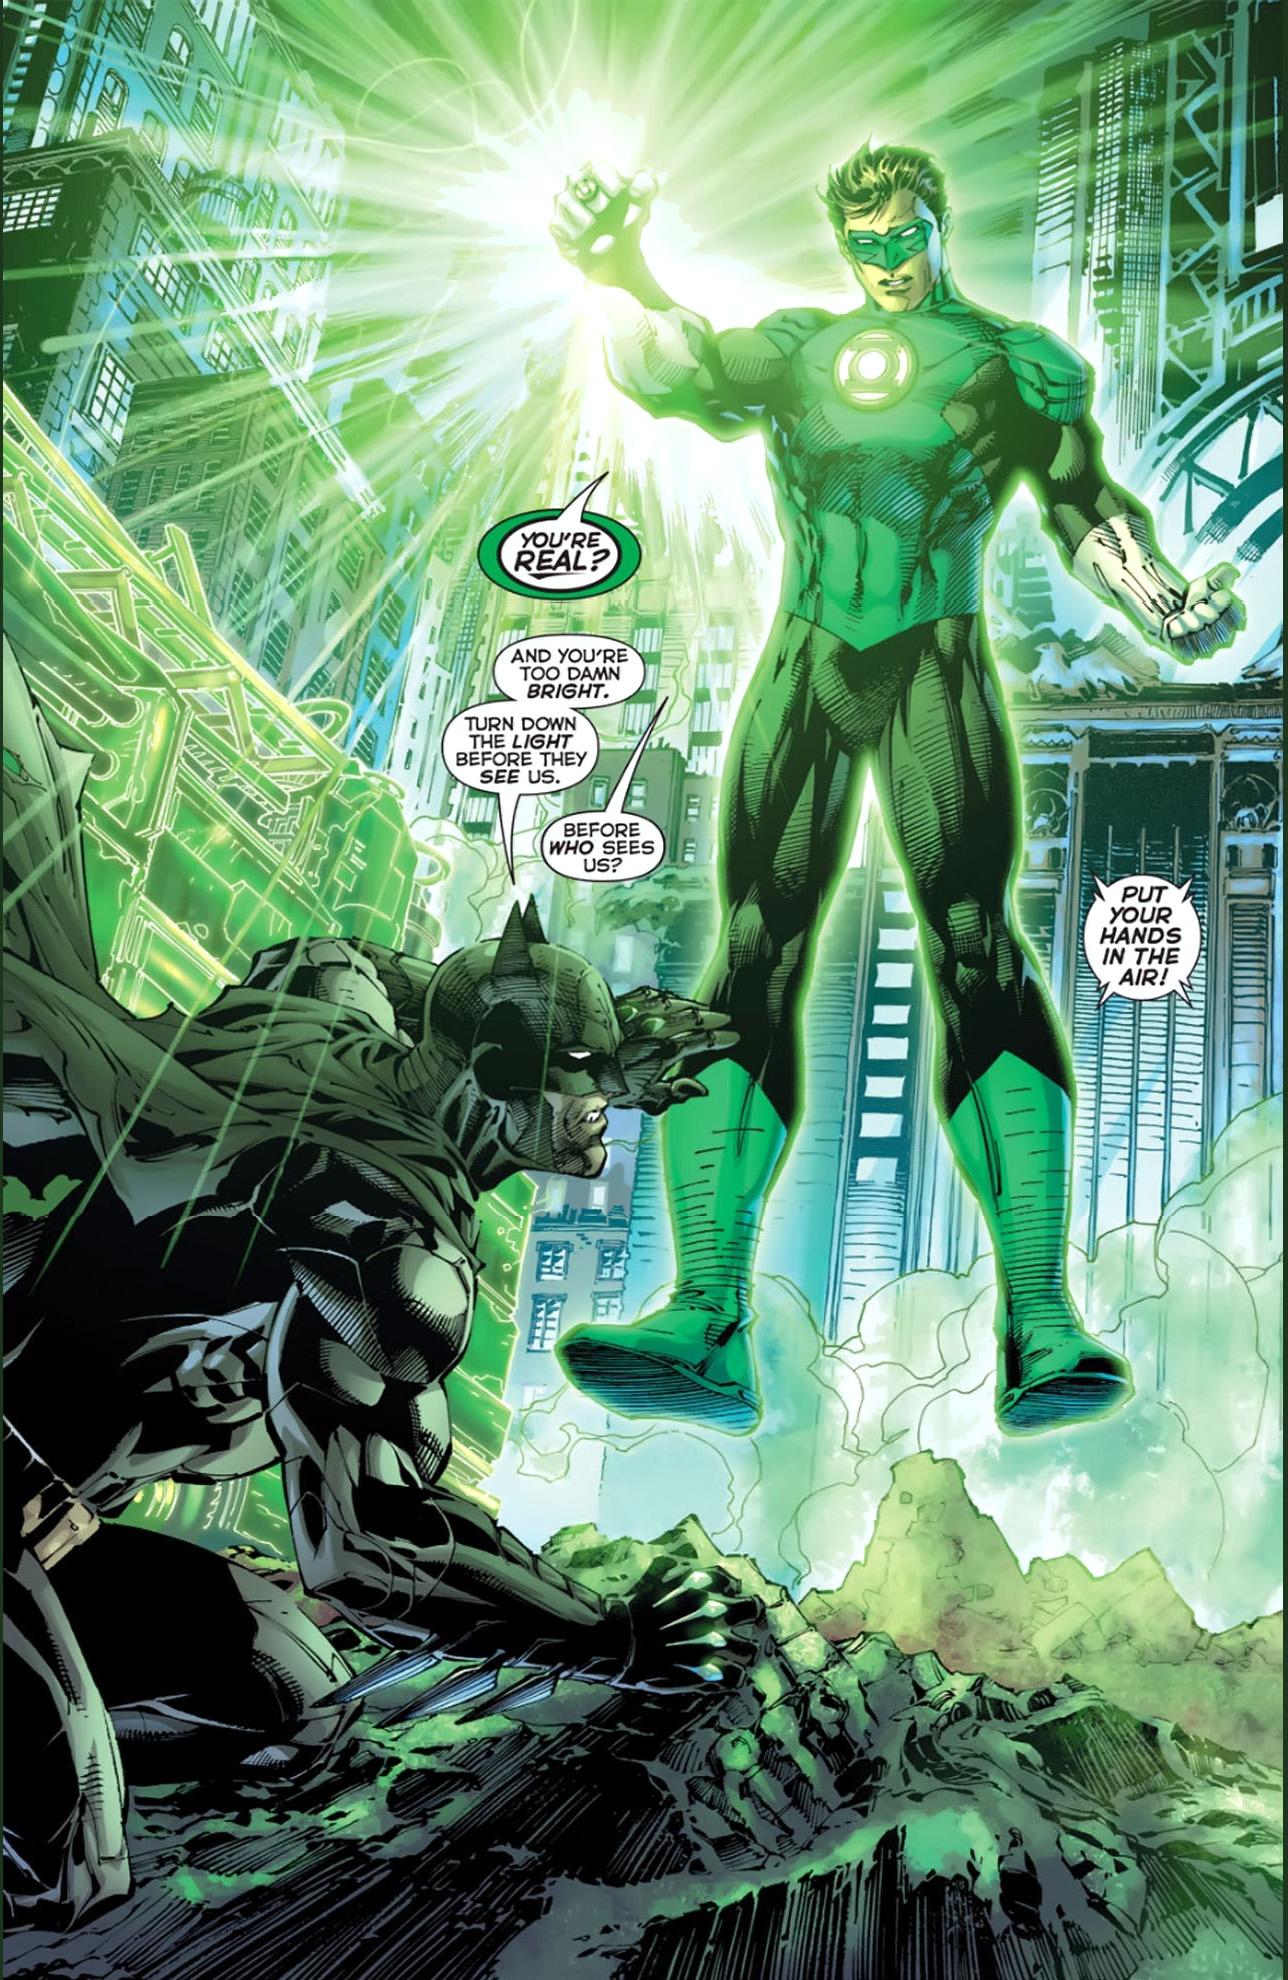 Green Lantern Movie4k